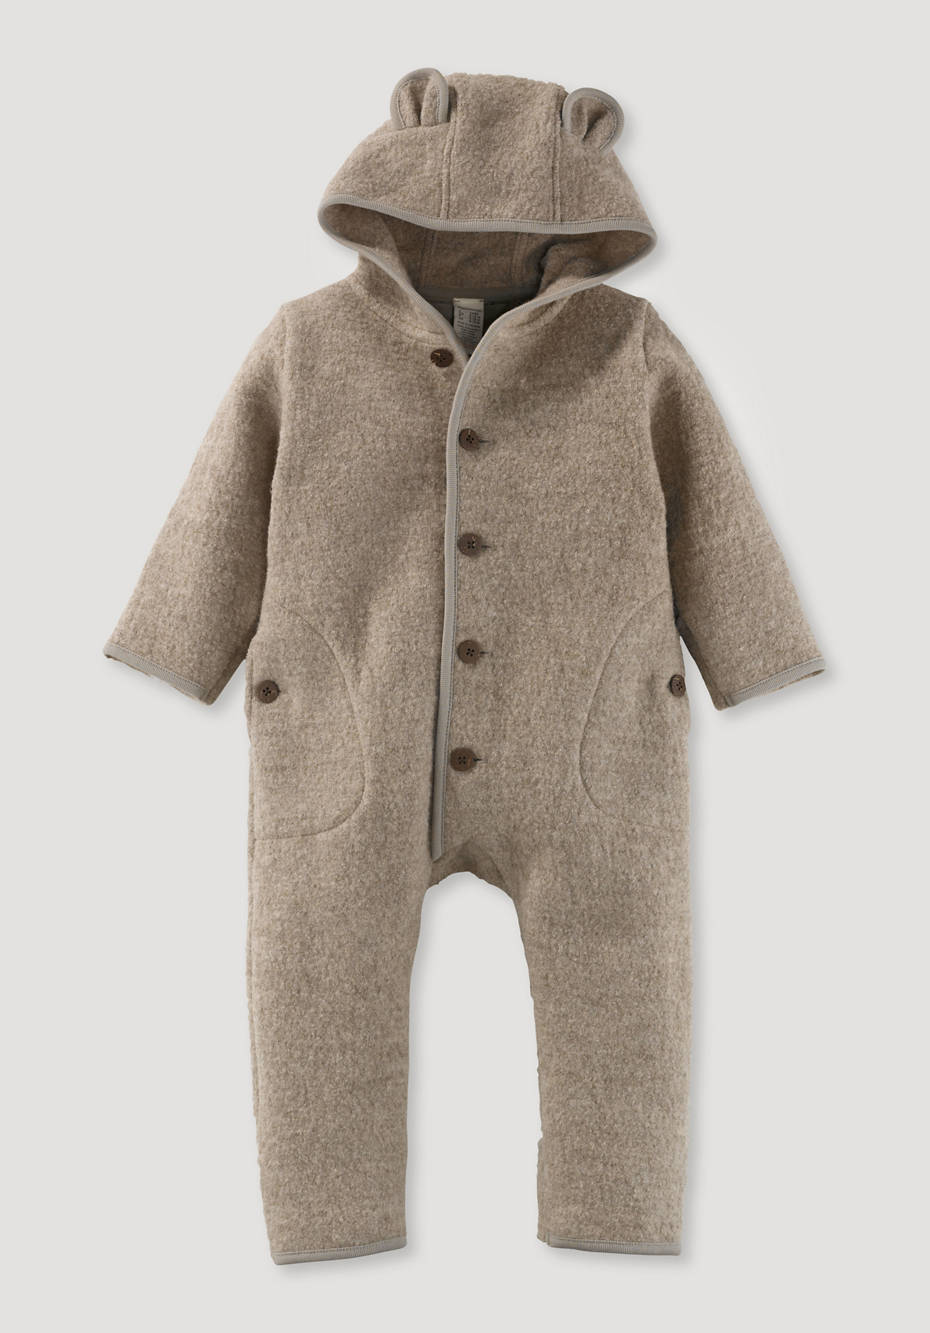 Walk overall made from pure organic merino wool